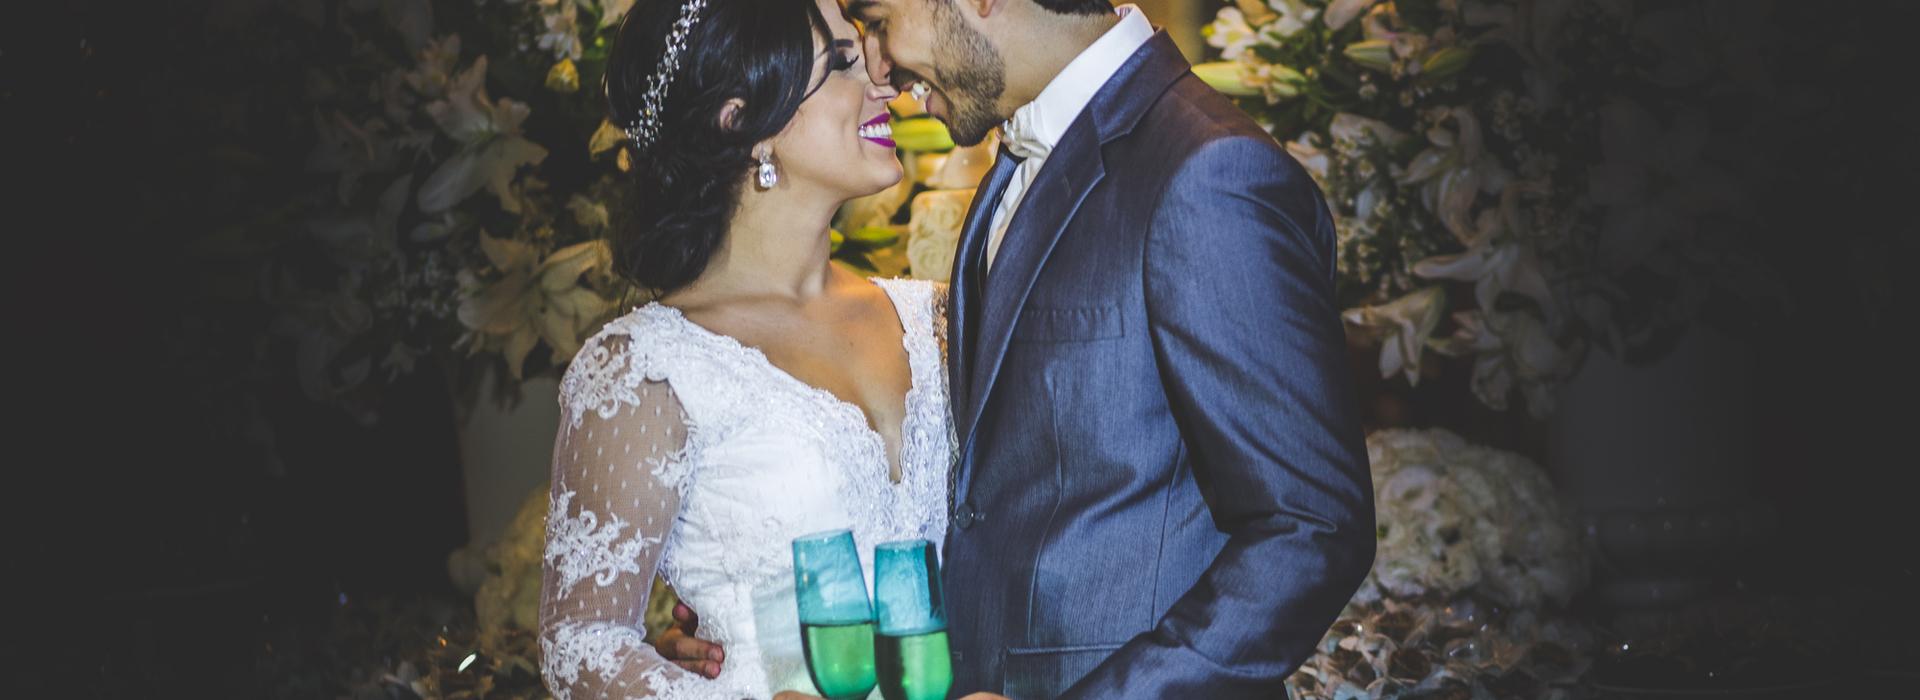 Casamento de Aline e Lucas em São Carlos - SP